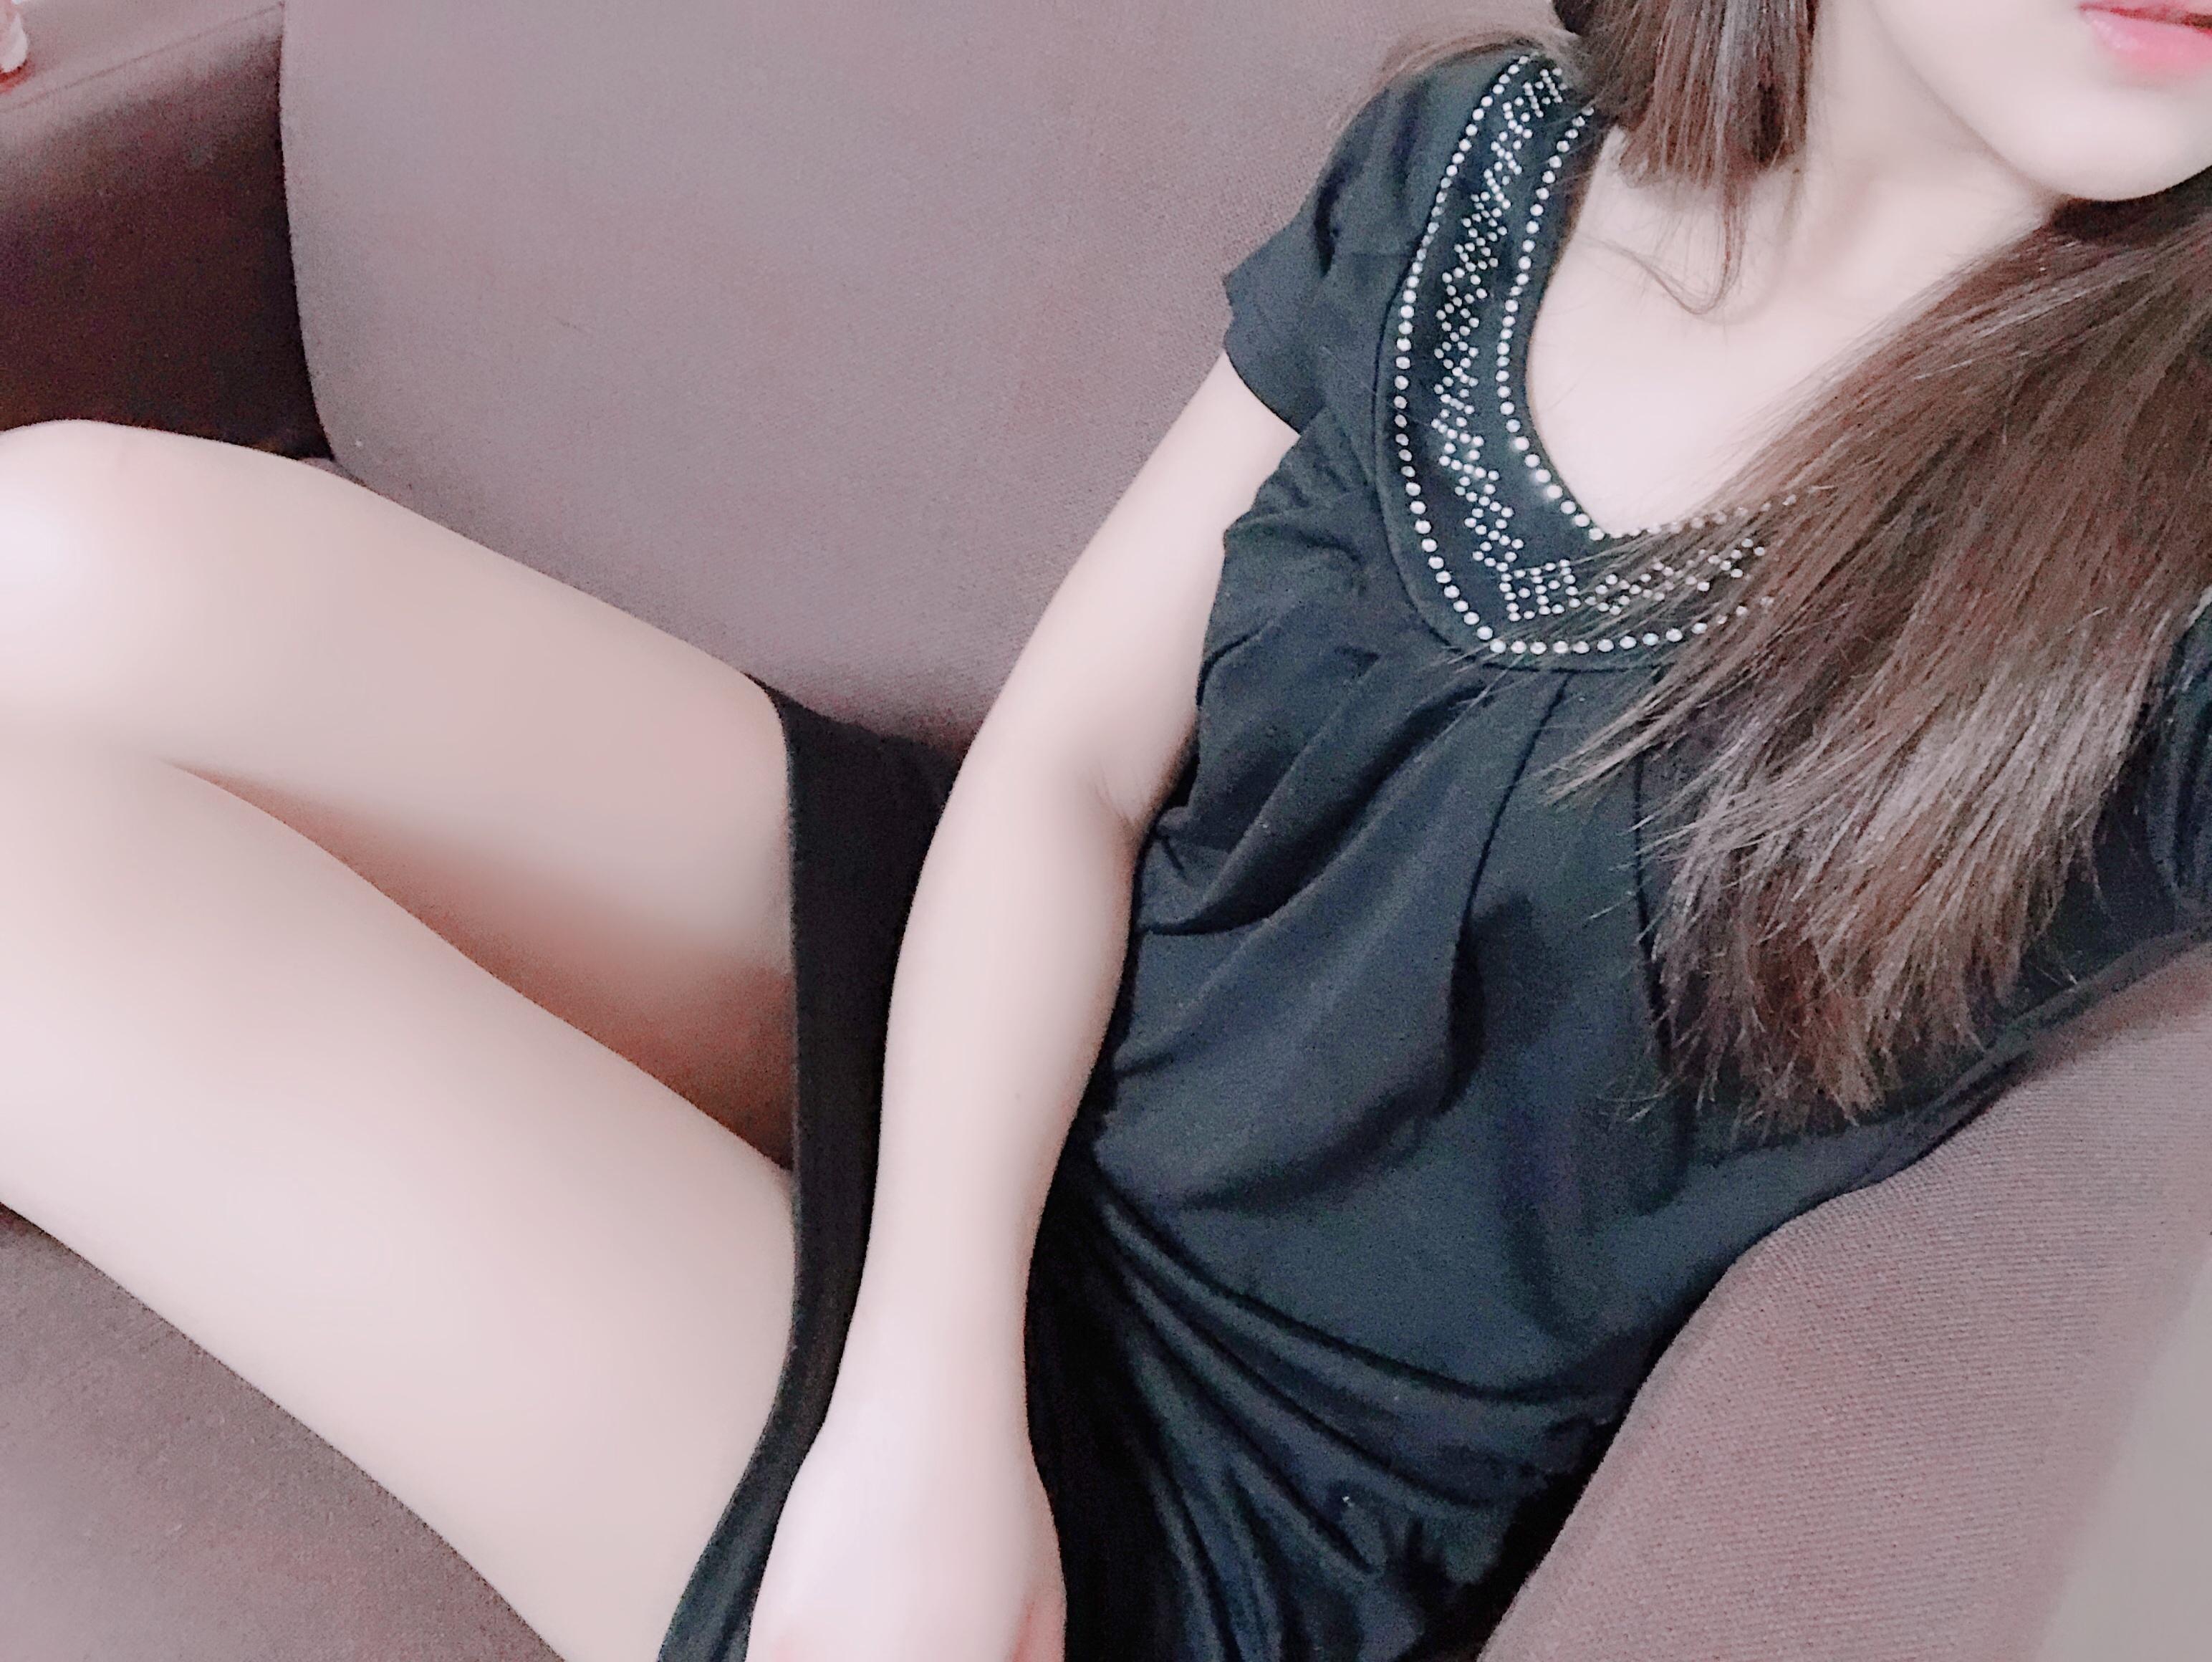 「お礼❤︎」09/20(木) 19:10 | 藤堂 キララの写メ・風俗動画